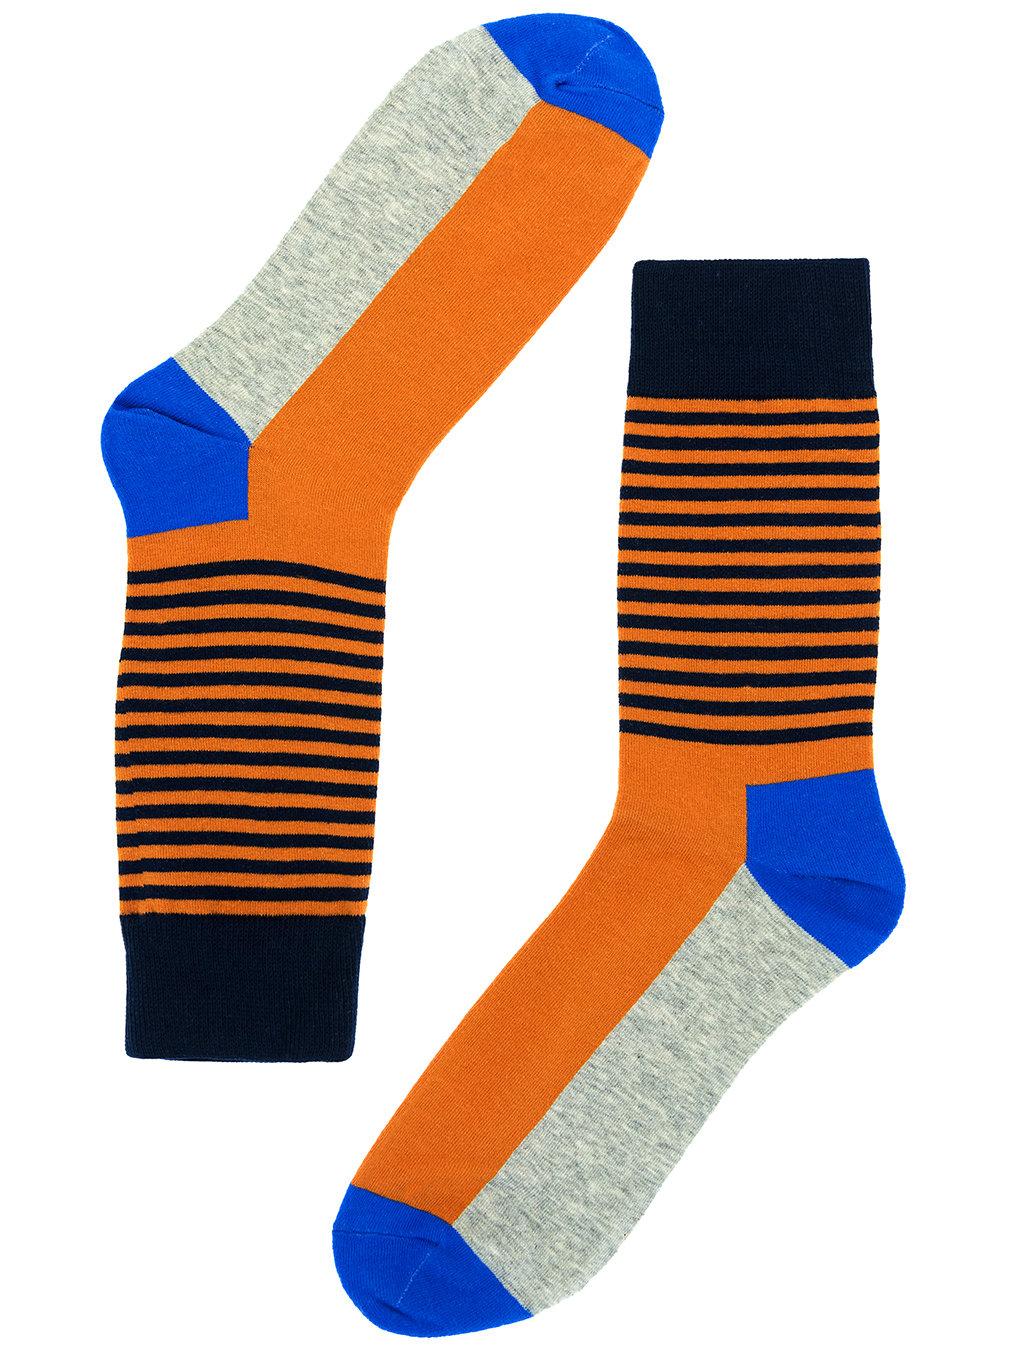 Носки Stripes тонкая полоска № 5